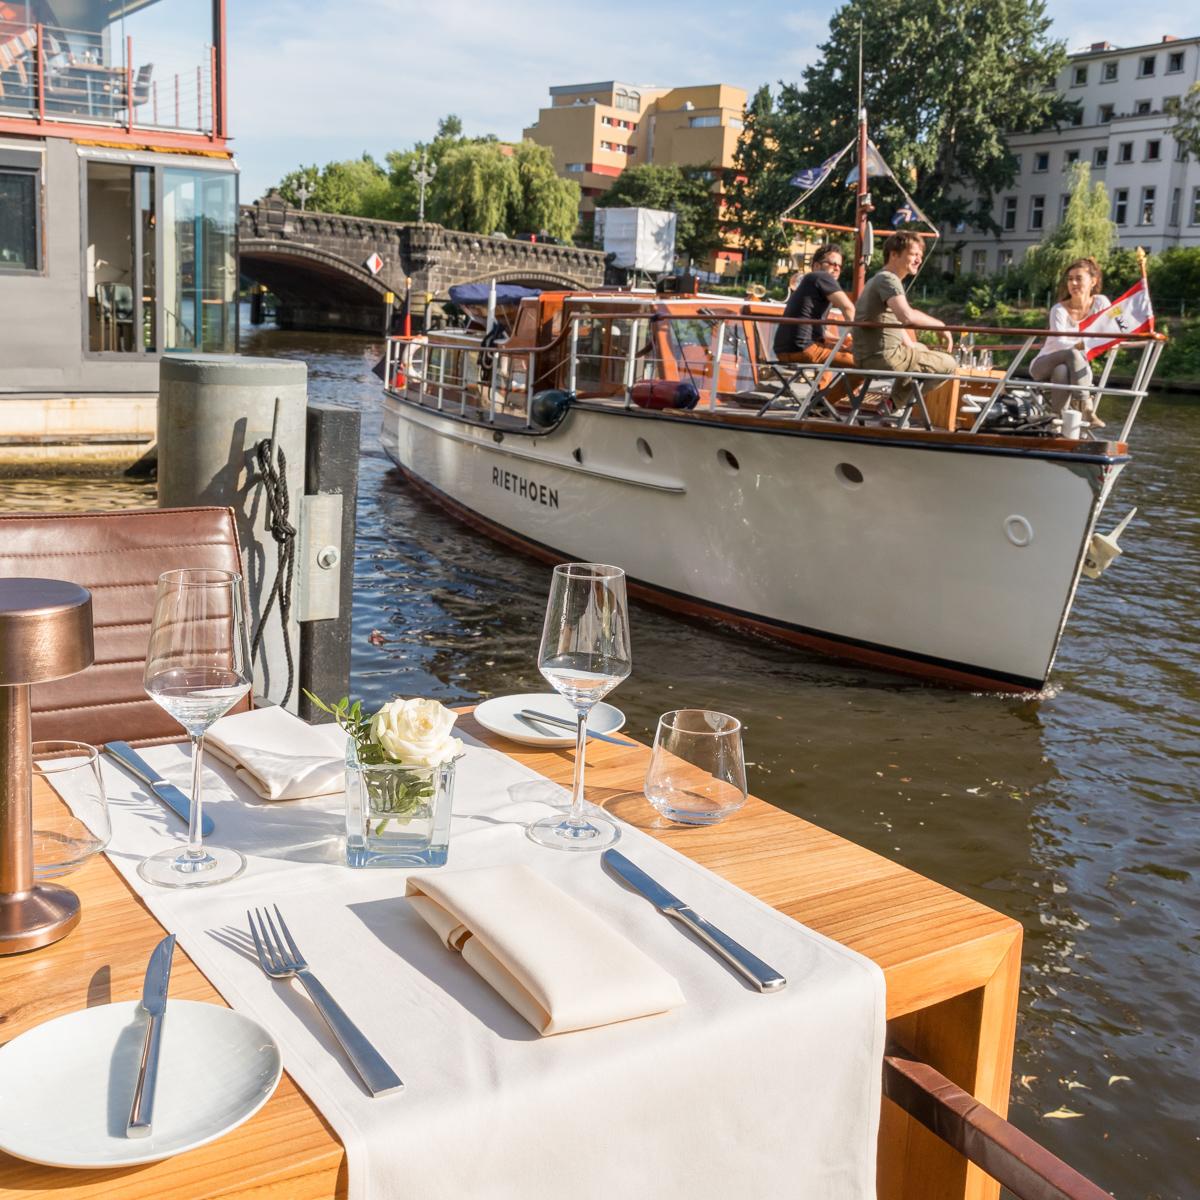 Dinner an der Riethoen am Restaurant Schiff Patio-3